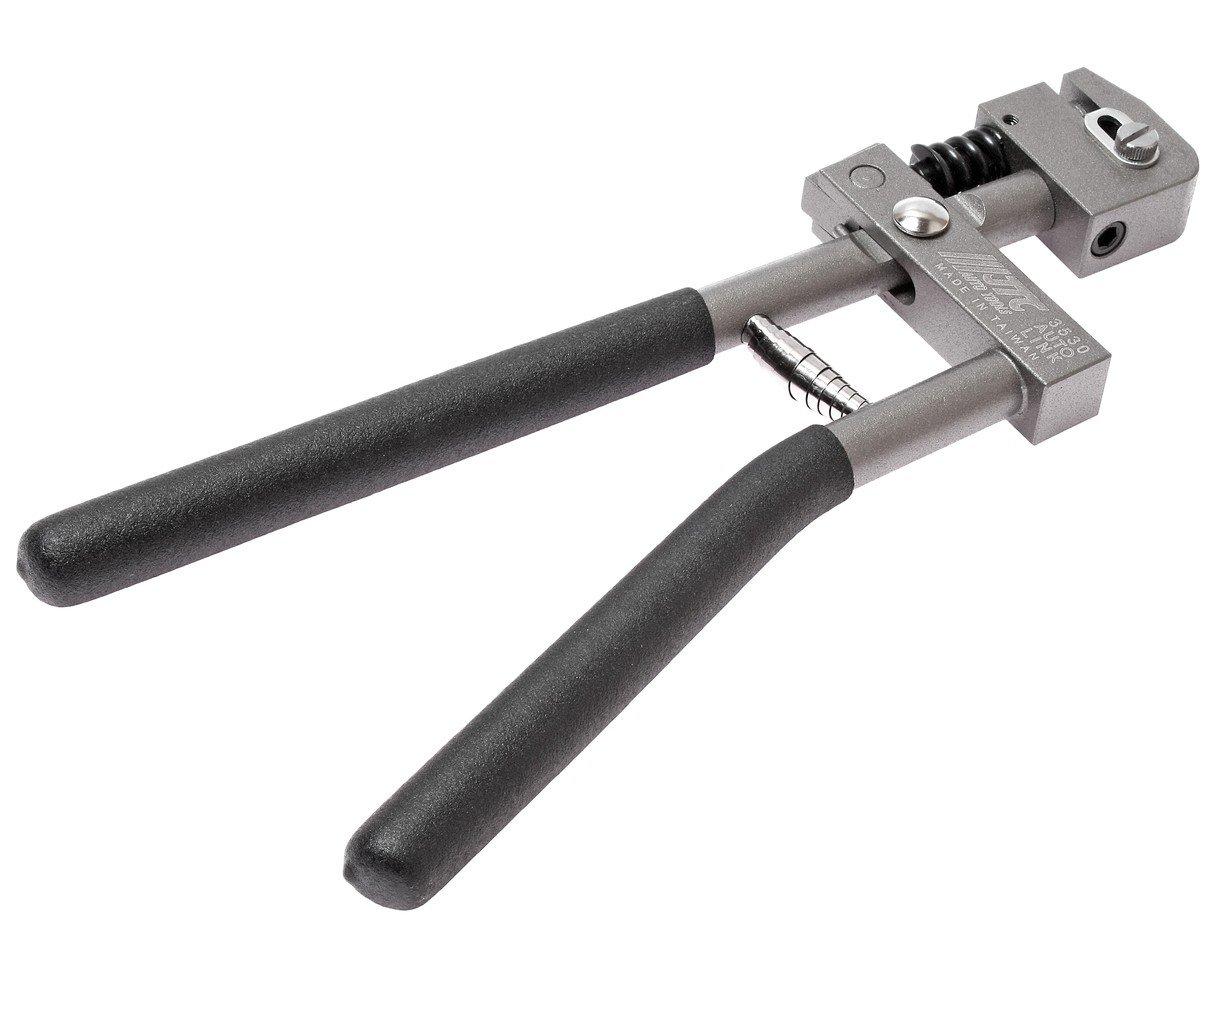 JTC-3530 Пробойник для металла, диаметр отверстия 6мм, толщина до 1.2мм